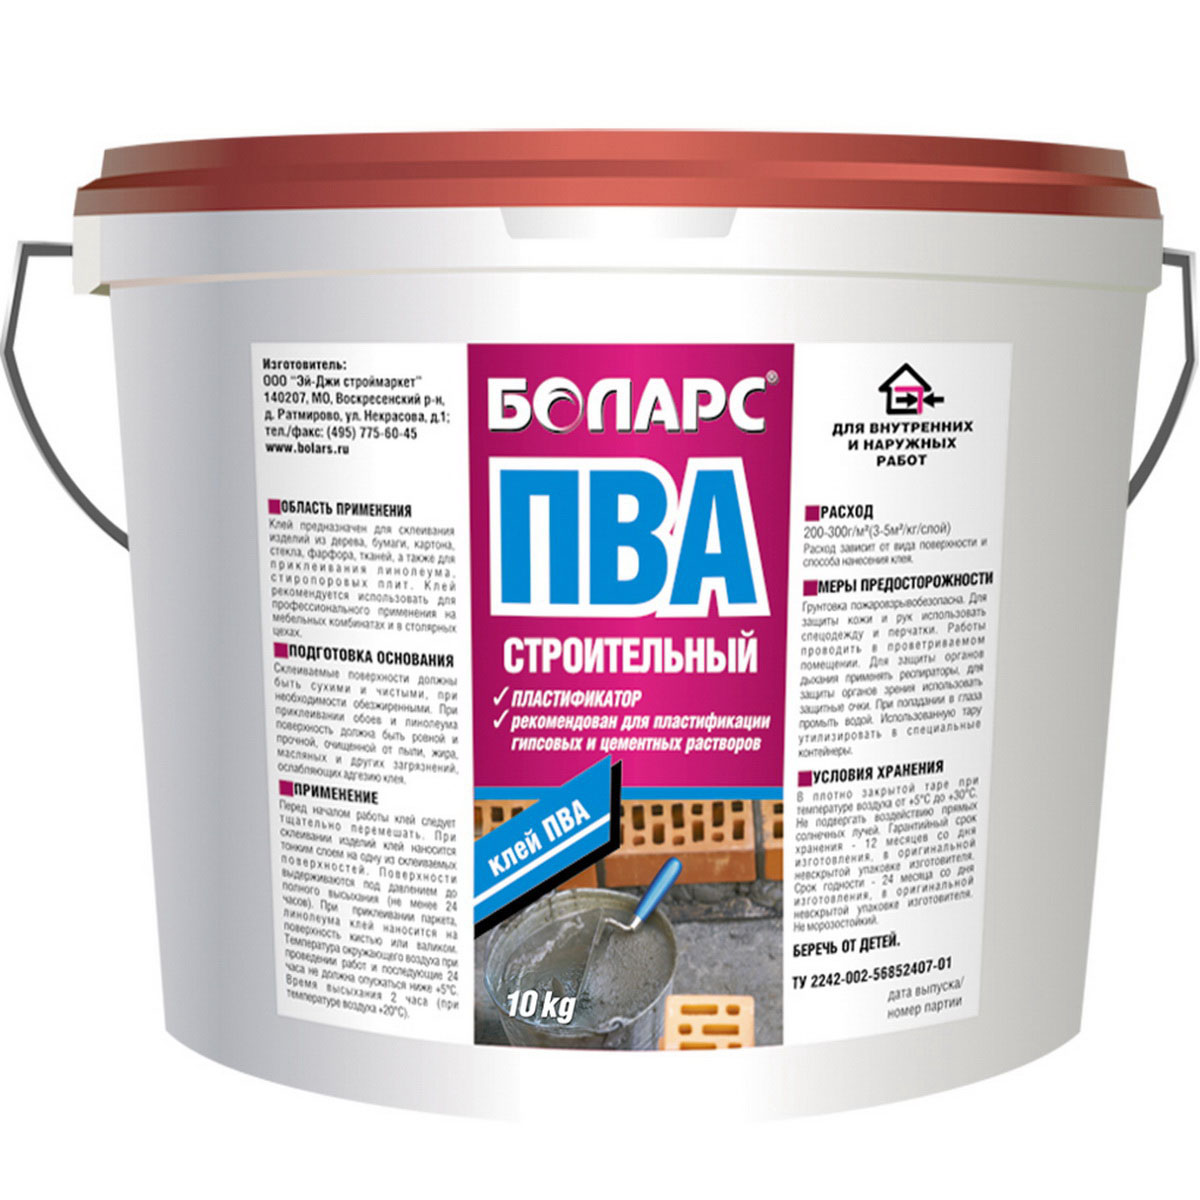 Клей ПВА Боларс, пластификатор, 10 кг19201Клей ПВА Боларс предназначен для пластификации строительных растворов. Может применяться в цементных, гипсовых составах для повышения эластичности и адгезии используемых растворов. Подходит для внутренних и наружных работ. Состав: поливинилацетатная дисперсия, технологические добавки, вода.Цвет: белый.pH: 5,5-7,0.Расход: 200-300 г/л.Морозостойкость: 5 циклов.Температура проведения работ: +5°С +30°С.Температура эксплуатации: +5°С +40°С.Размораживать продукт следует при комнатной температуре в оригинальной таре изготовителя. Гарантийный срок хранения – 12 месяцев со дня изготовления, в оригинальной невскрытой упаковке изготовителя.Срок годности – 24 месяца со дня изготовления, в оригинальной невскрытой упаковке изготовителя.